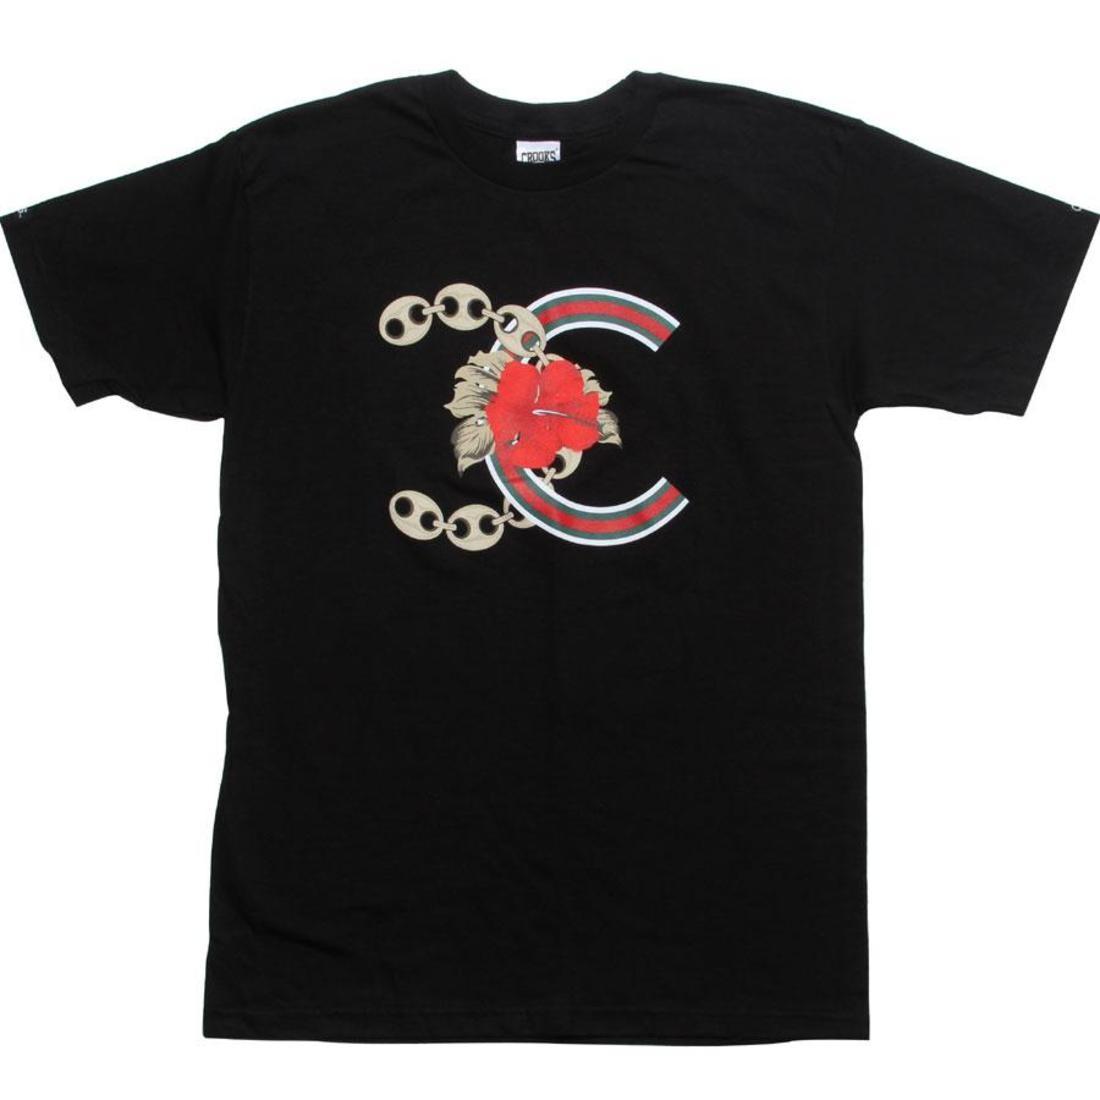 【海外限定】Tシャツ カットソー トップス 【 CROOKS AND CASTLES ALOHA FRIDAY TEE BLACK 】